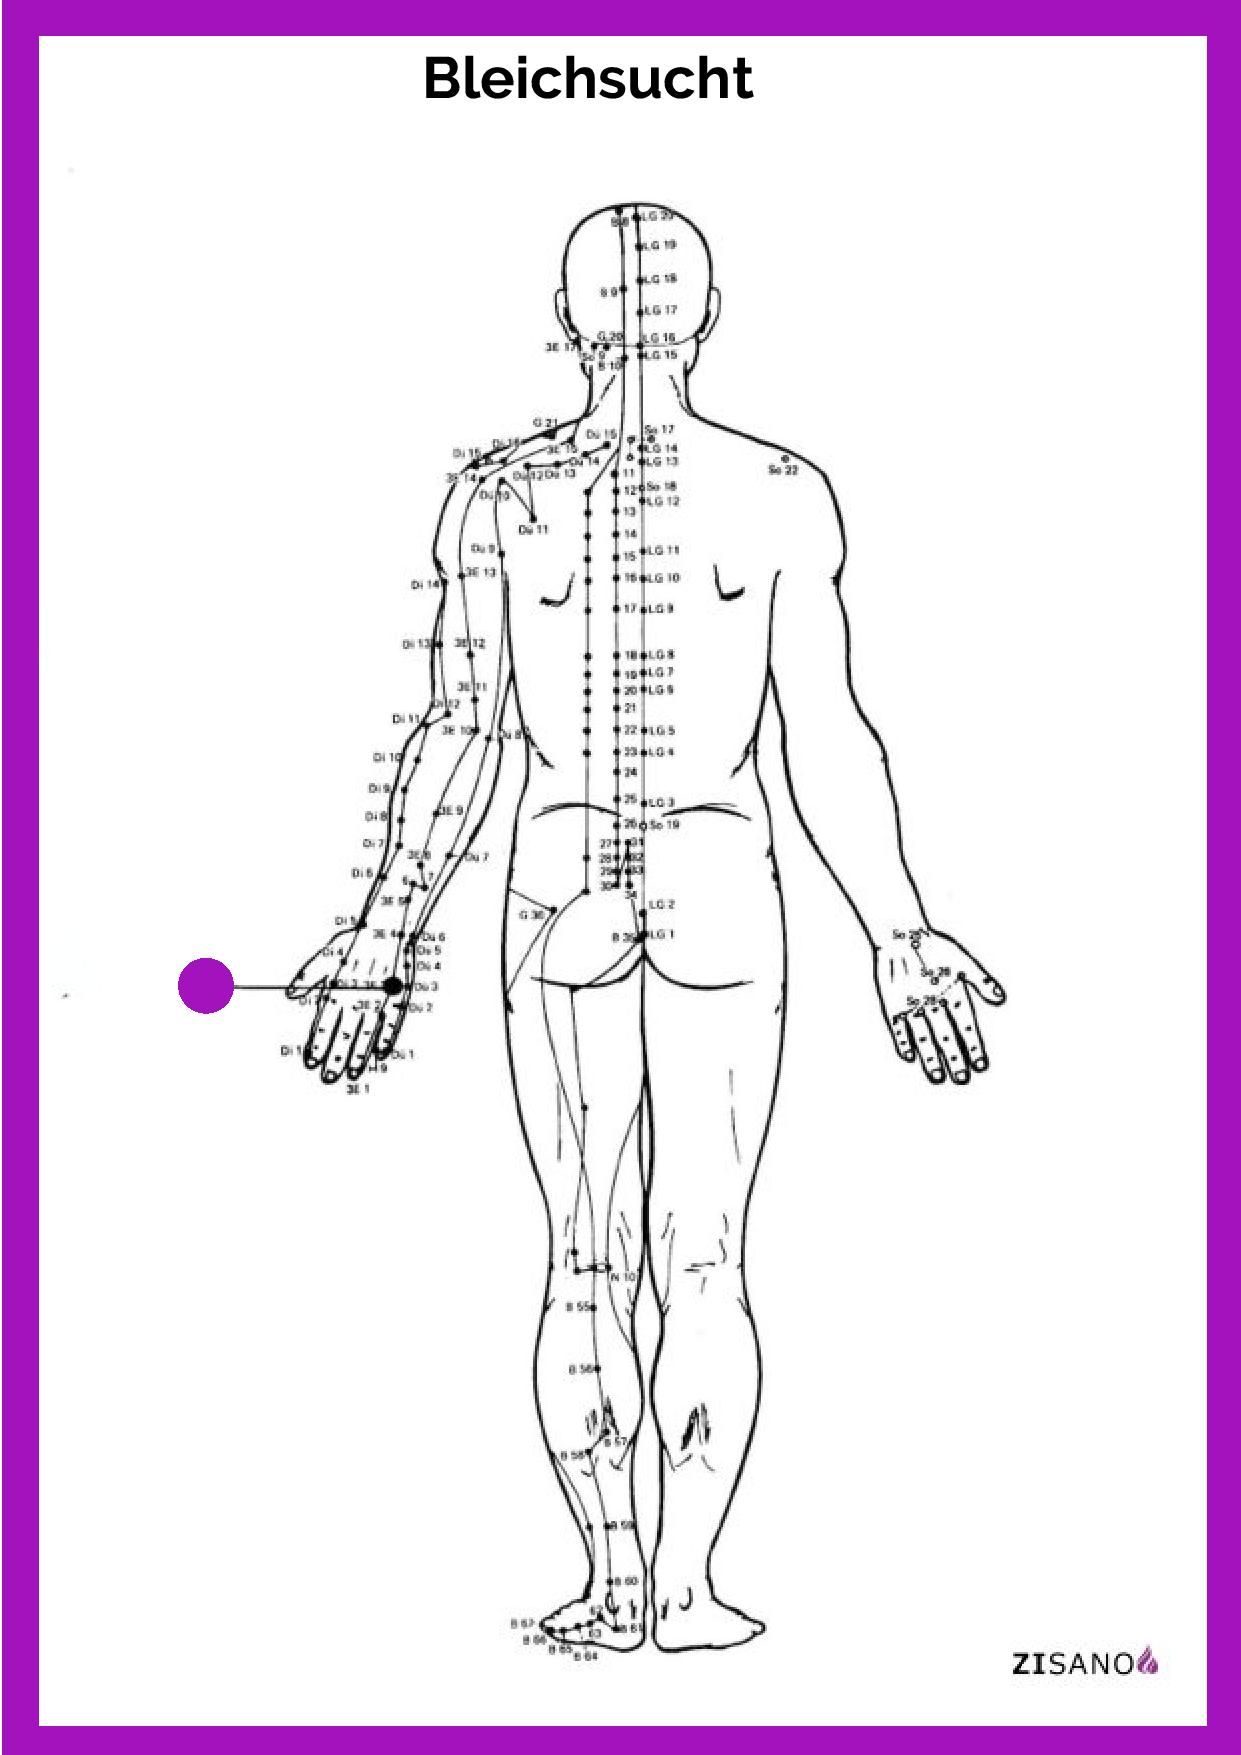 Meridiane - Bleichsucht - Behandlung